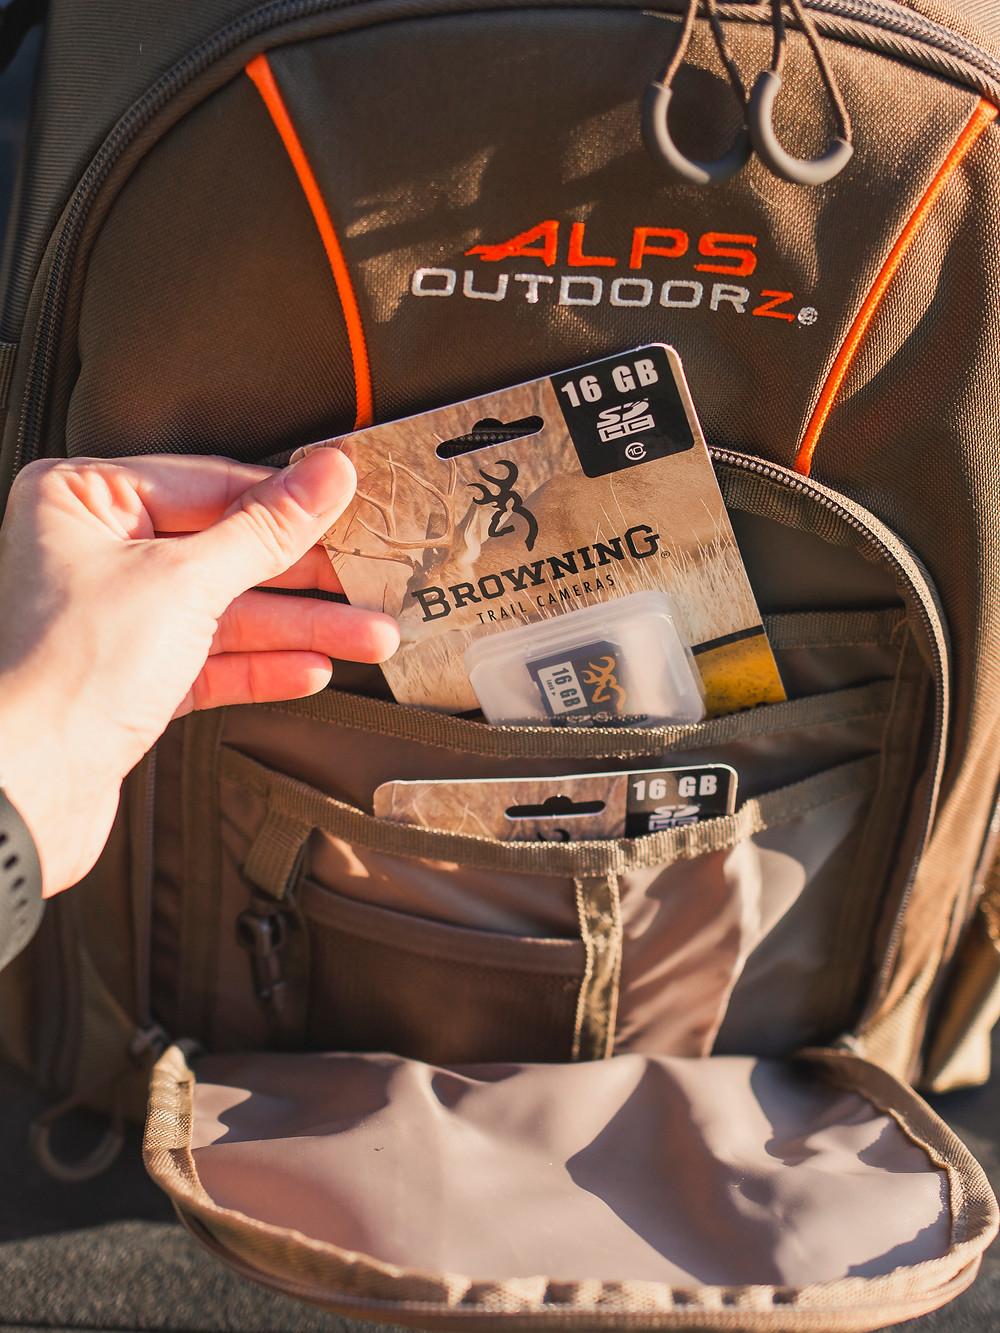 Alps OutdoorZ Motive Pack External Pocket